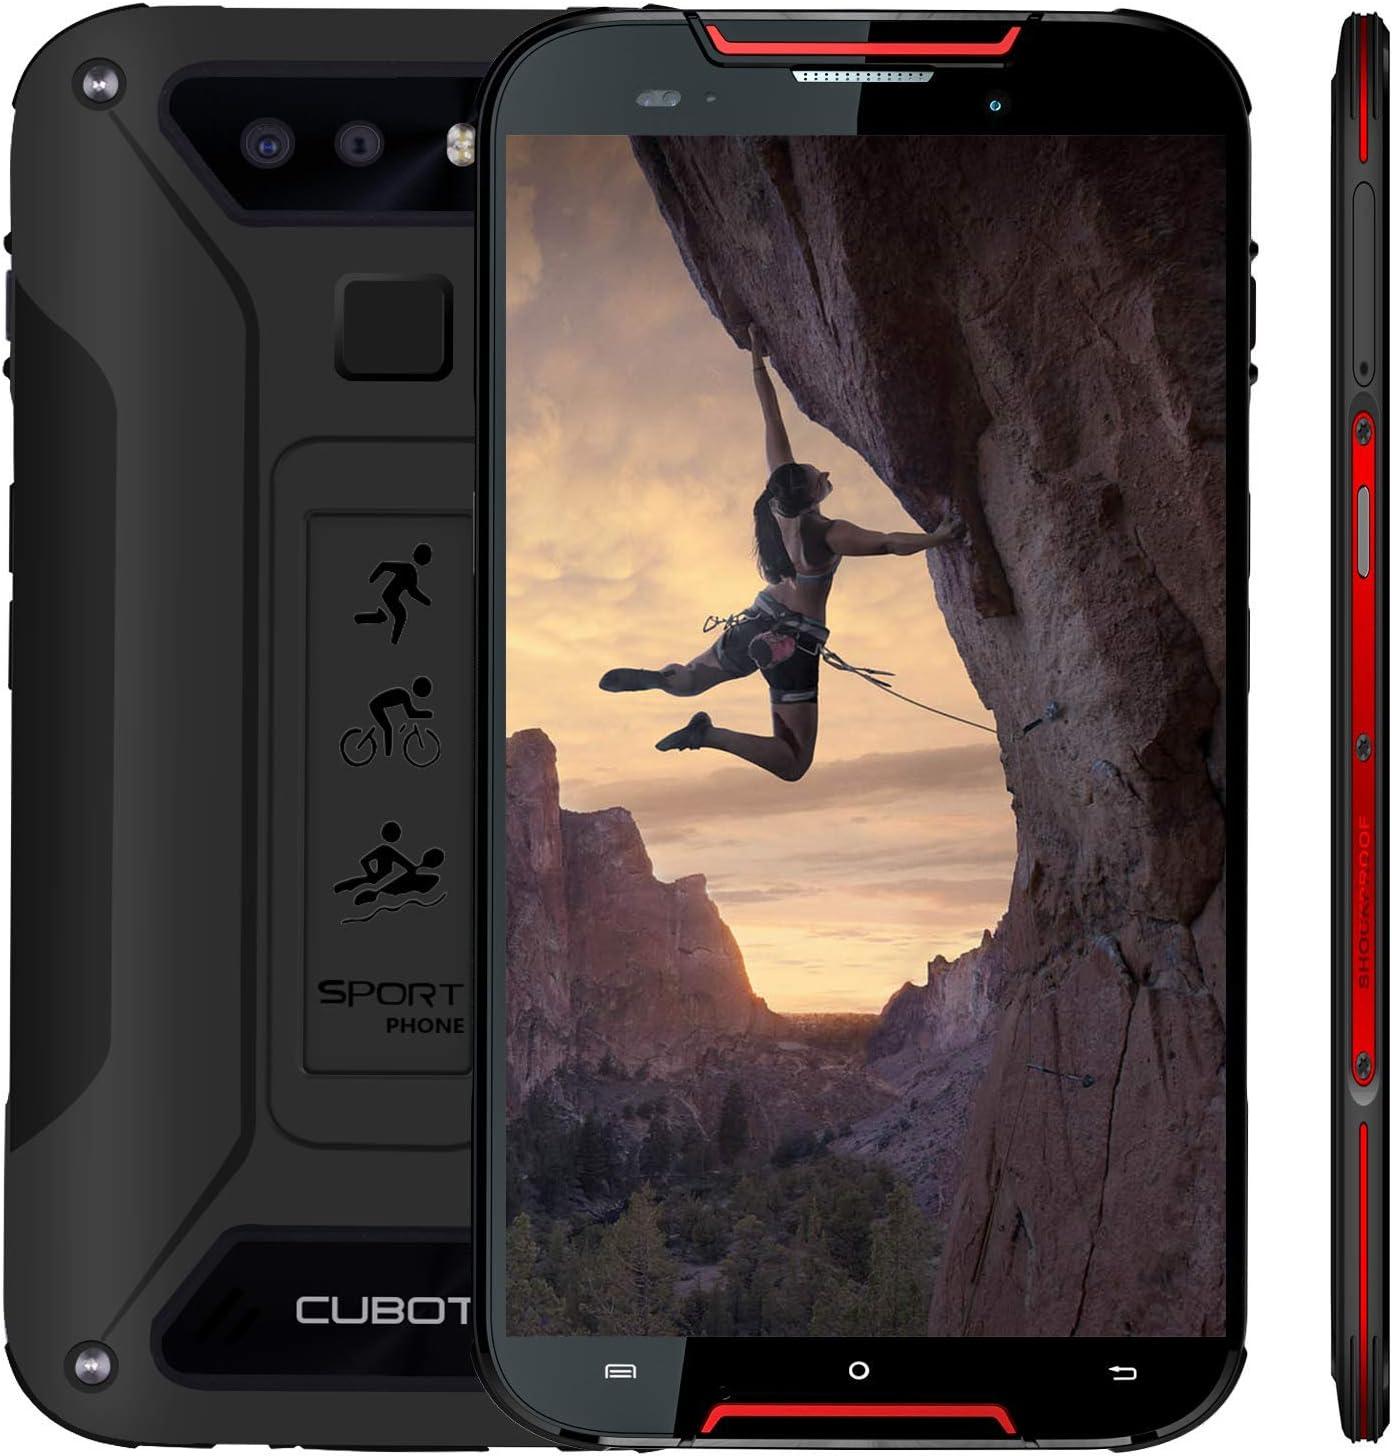 CUBOT Quest Lite 2019 IP68 Móvil Libre Impermeable Android9.0 Dual 4G SIM Quad Core Procesador Face ID Huellas dectilares Smartphone 5